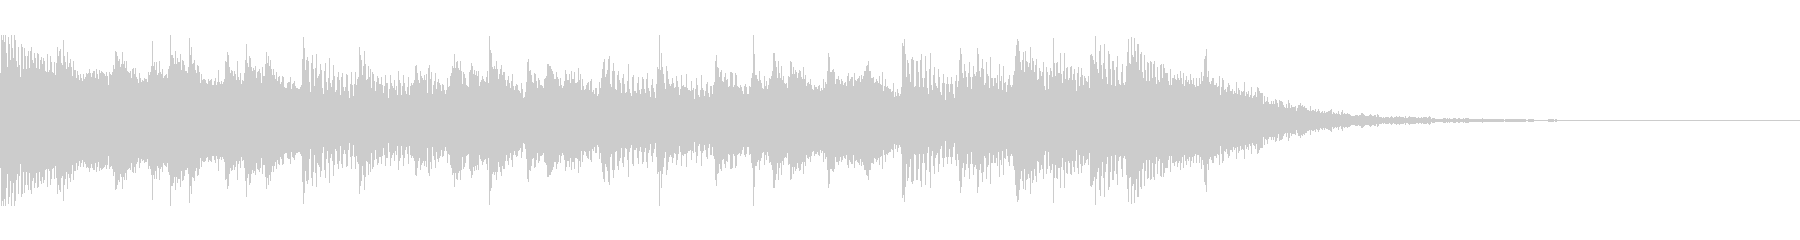 幸せなラマダン(15秒)の未再生の波形